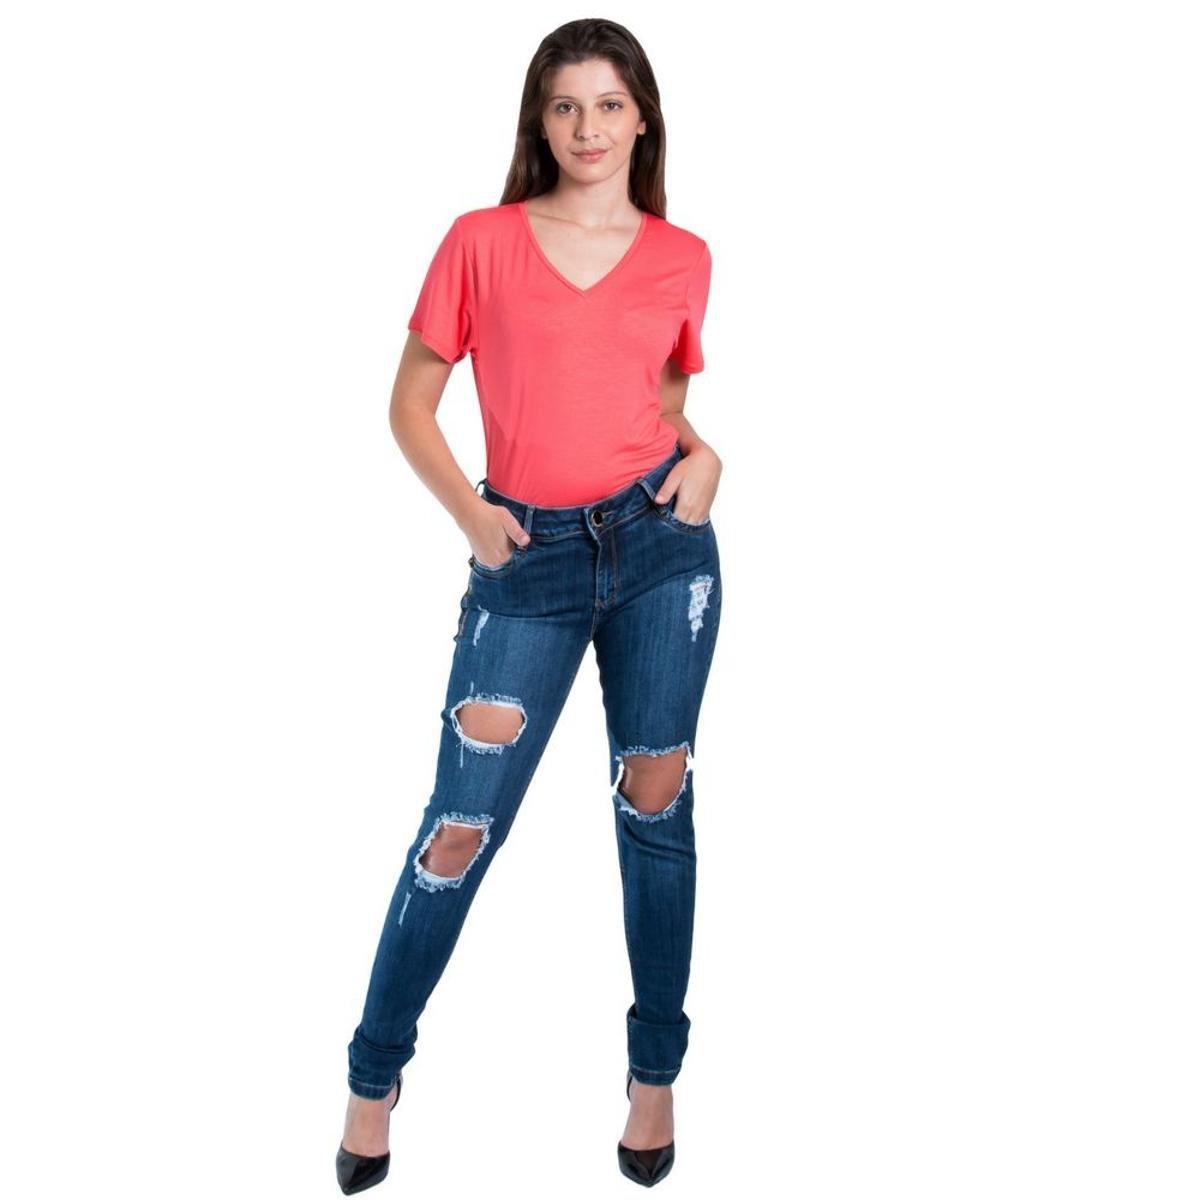 467b52ab2 Calça Morena Rosa Skinny Andréia Cós Intermediário Assinatura Feminina -  Azul - Compre Agora